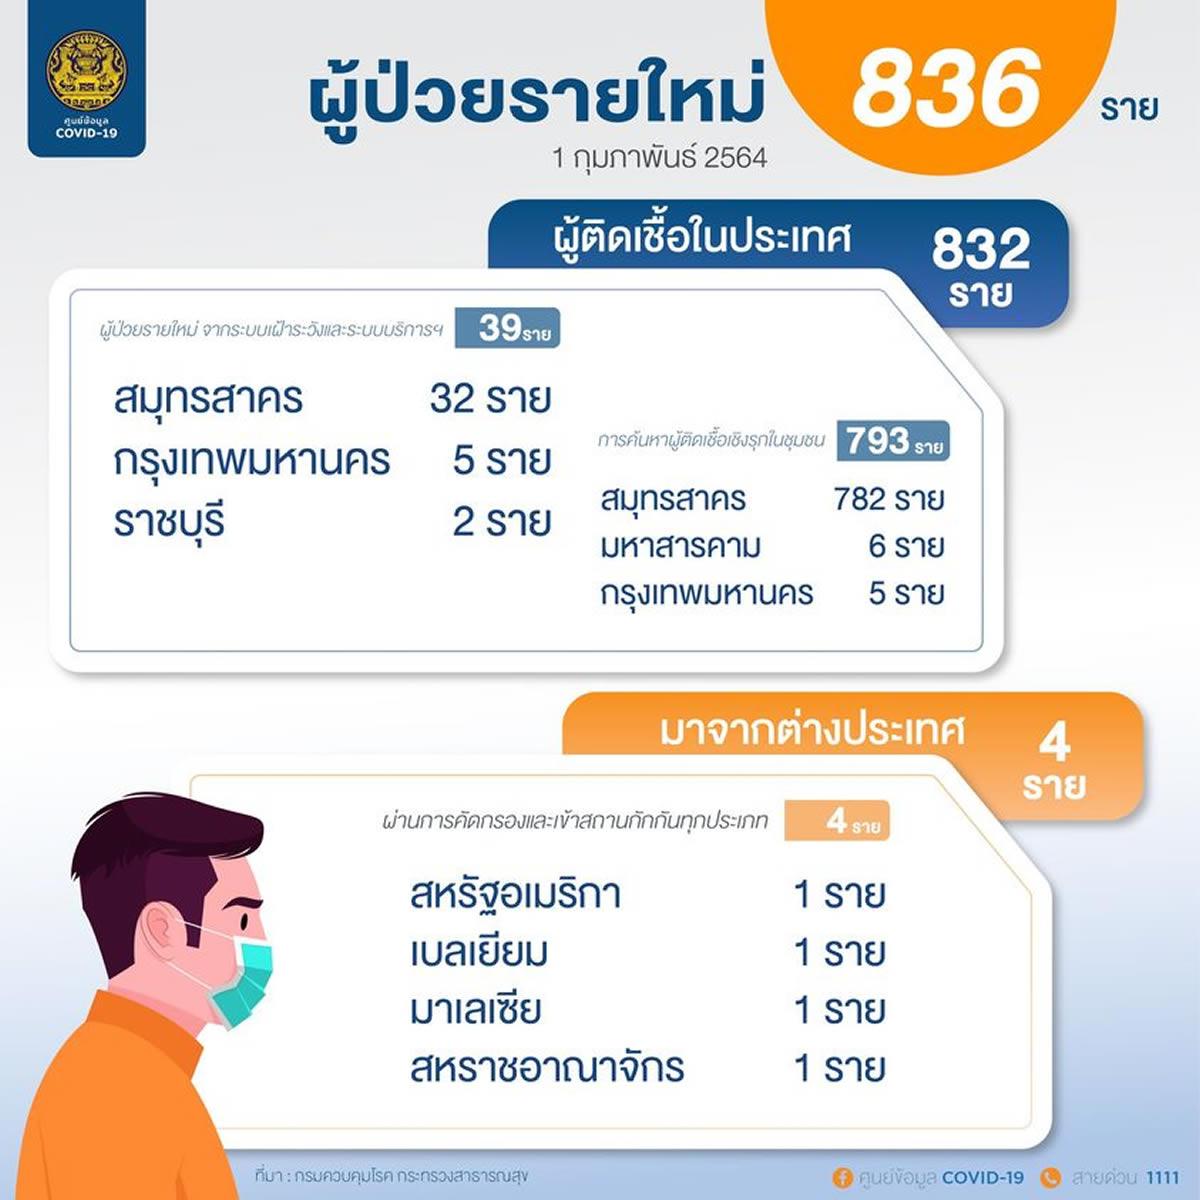 新規のタイ国内感染は832人、バンコクでも10人確認[2021年2月1日発表]